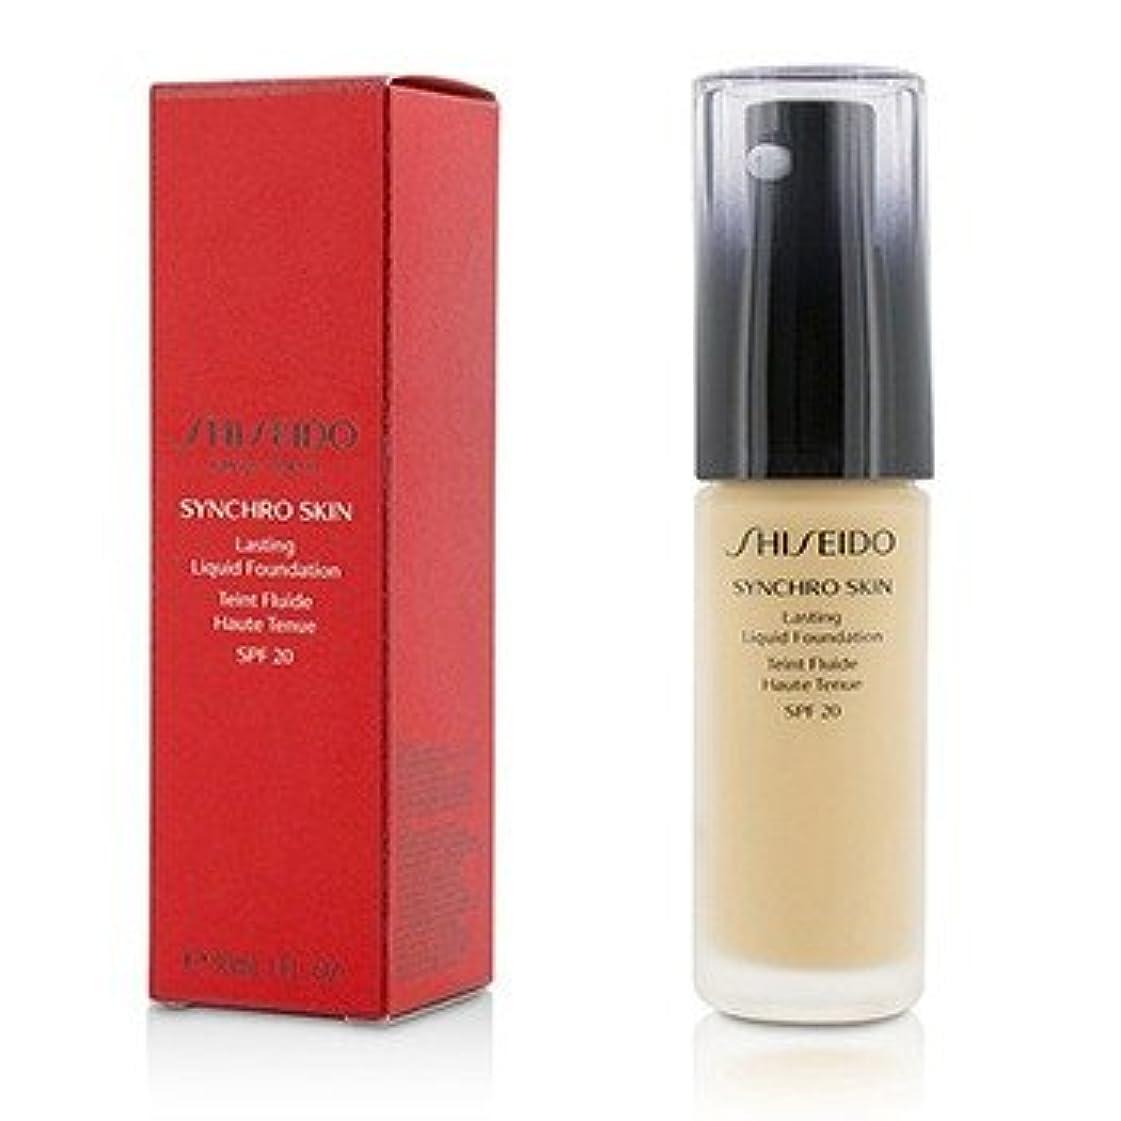 サイドボード最大限誤解する[Shiseido] Synchro Skin Lasting Liquid Foundation SPF 20 - Neutral 3 30ml/1oz